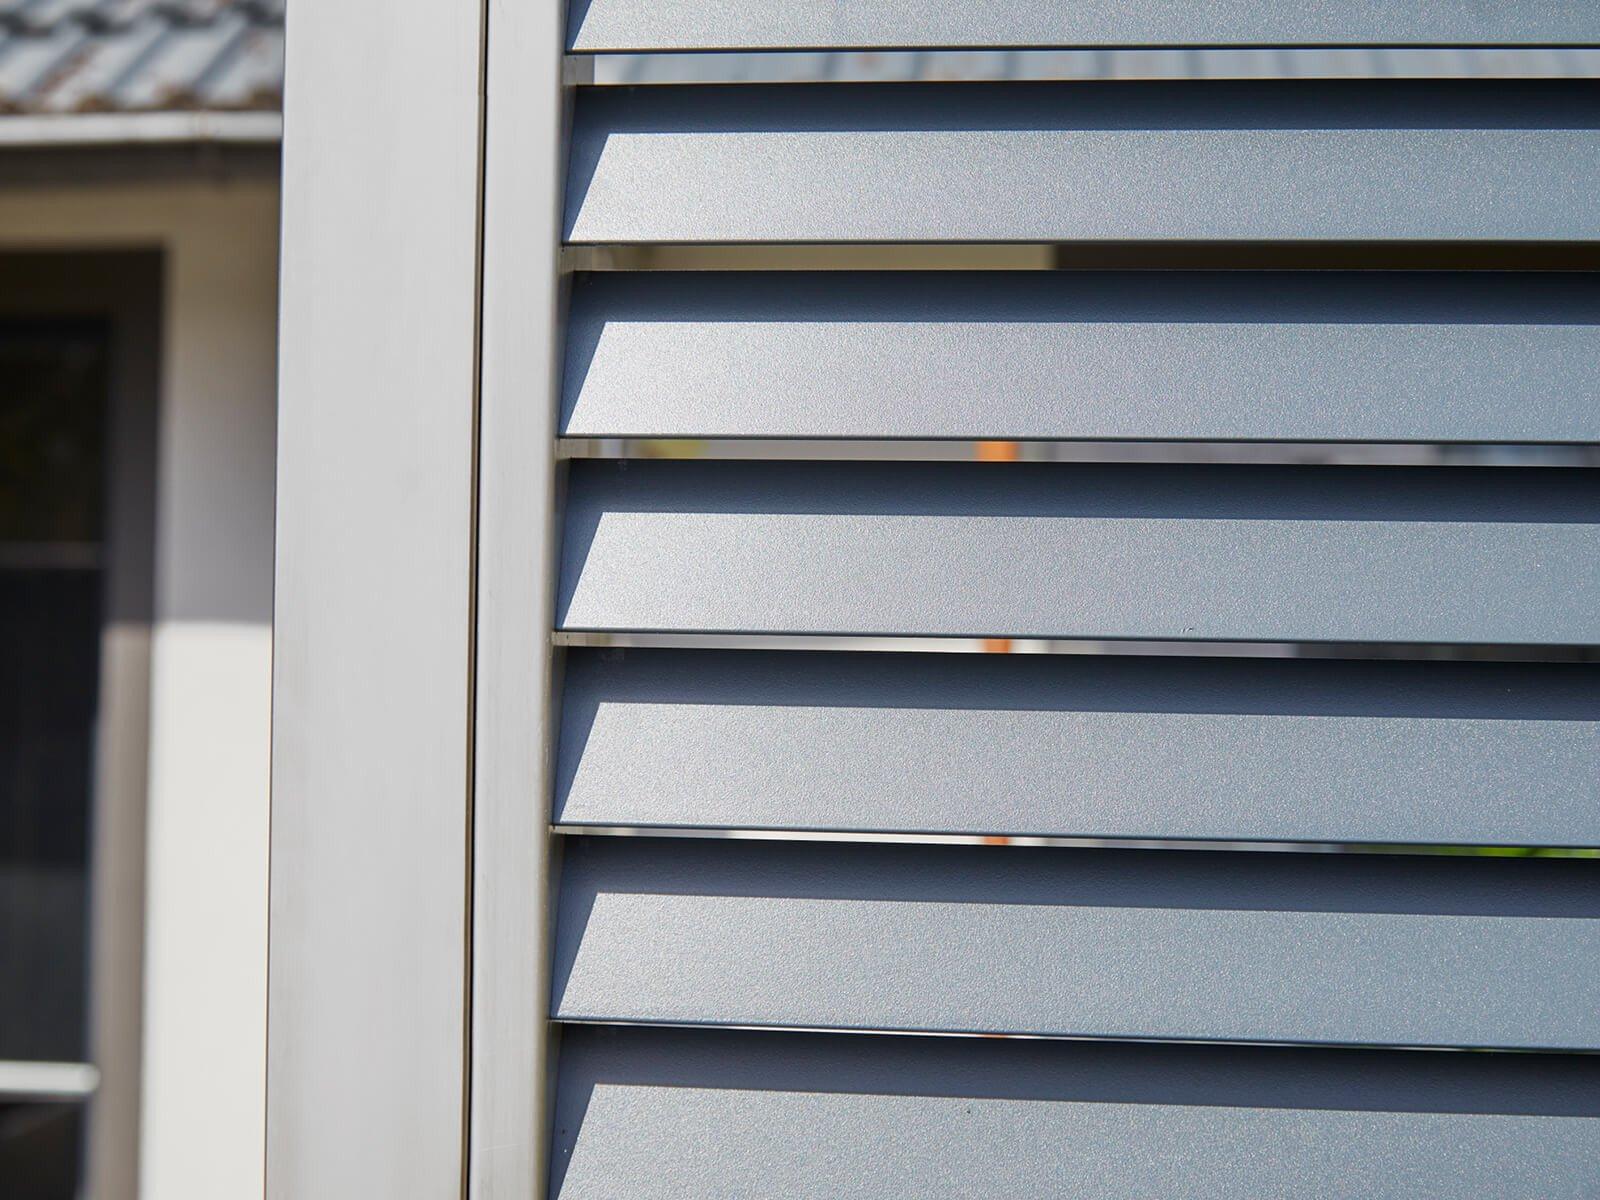 lamellenzaun-als-sichtschutzzaun-windschutz-mit-optimaler-lichtdurchlaessigkeit-transluzenz-ideal-fuer-garten-und-terrasse